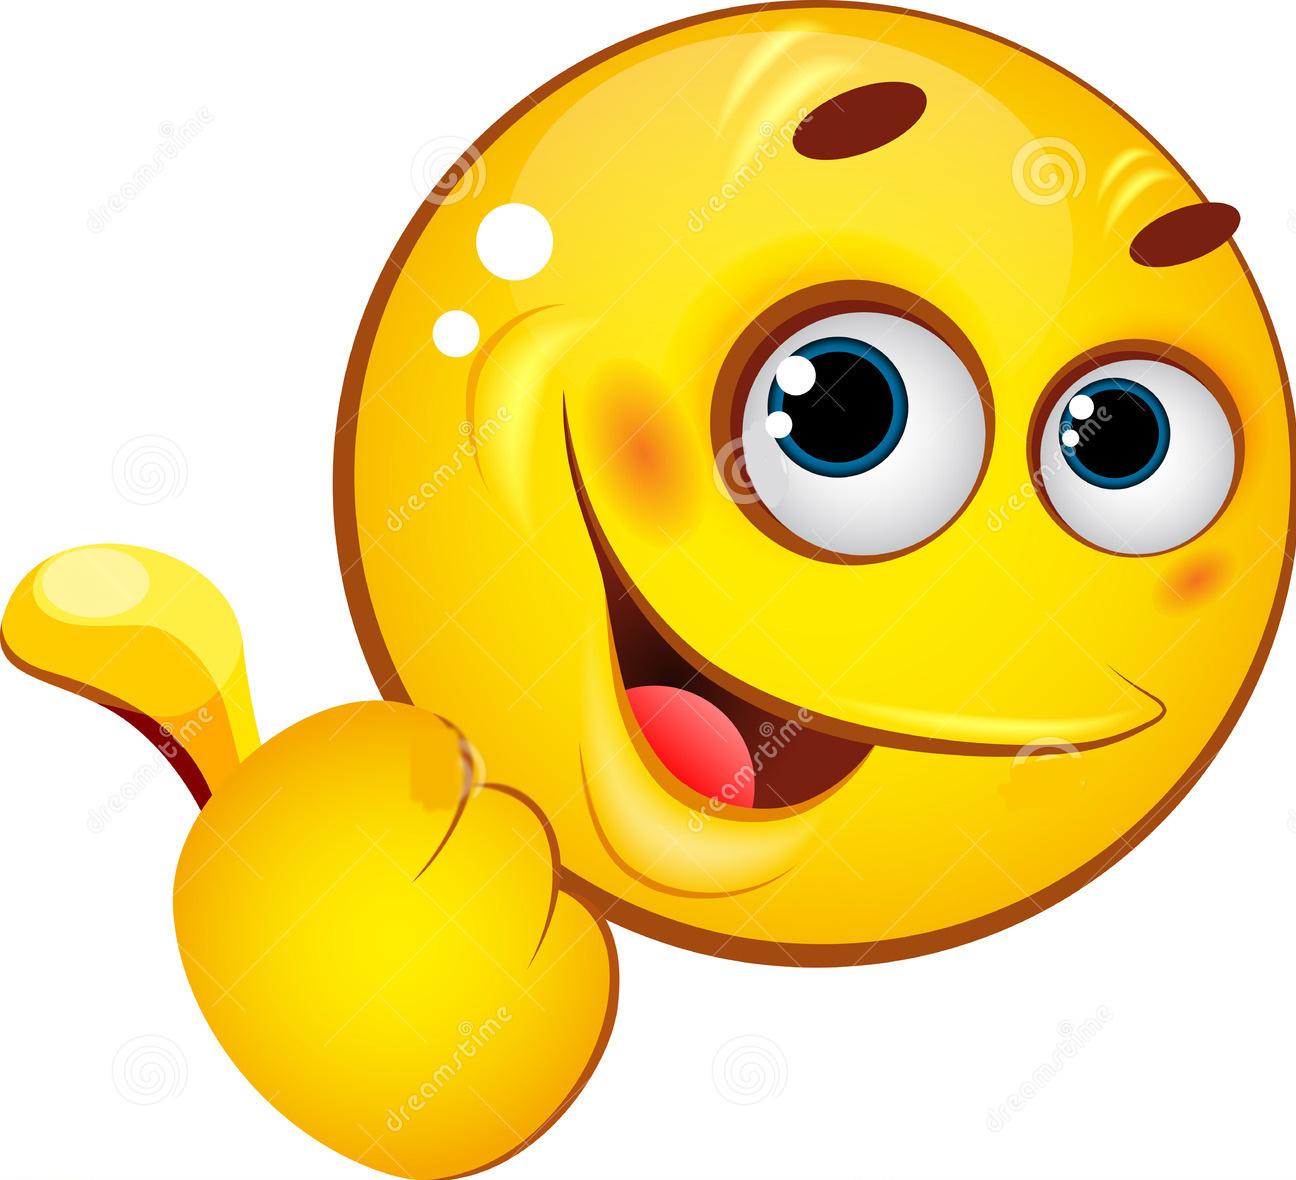 Le ali del sorriso buona domenica oo76 regardsdefemmes - Buon pranzo in spagnolo ...